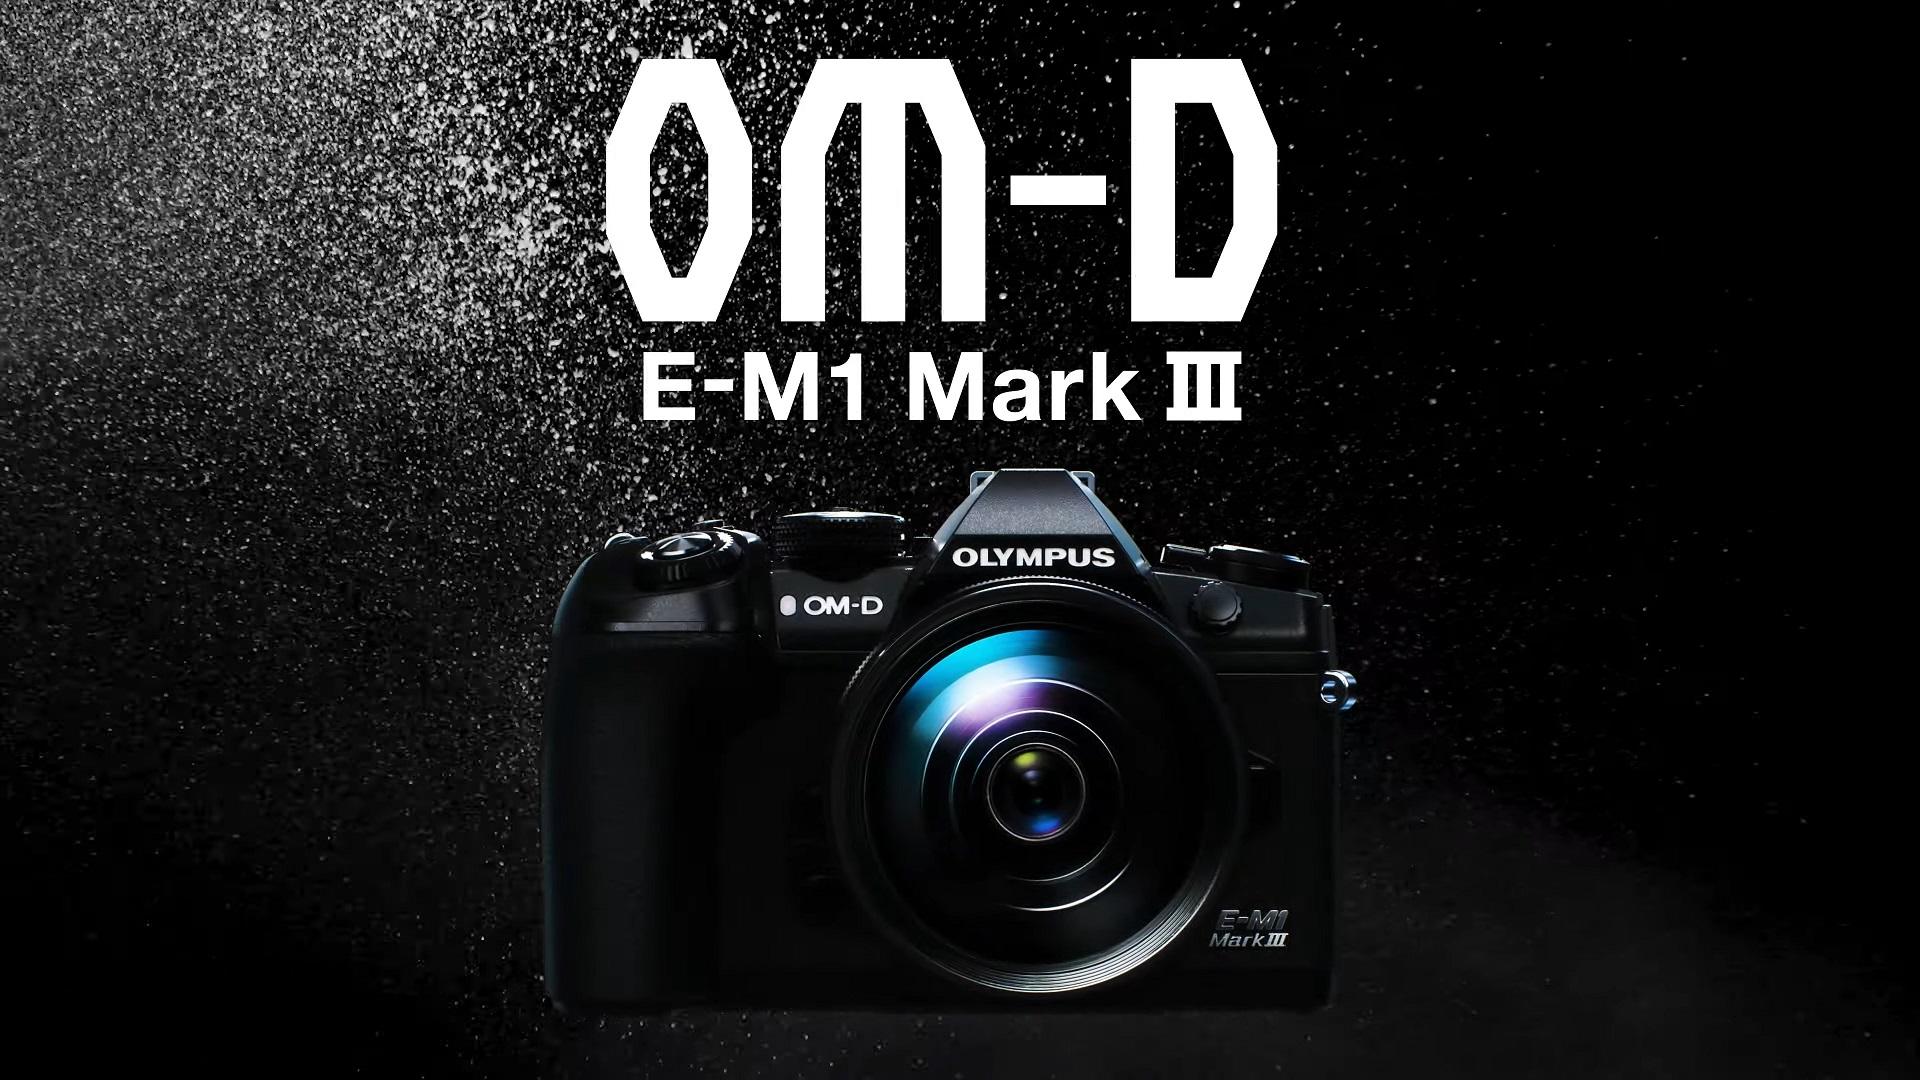 Anuncian la Olympus OM-D E-M1 Mark III – características de estabilización y fotografía impresionantes